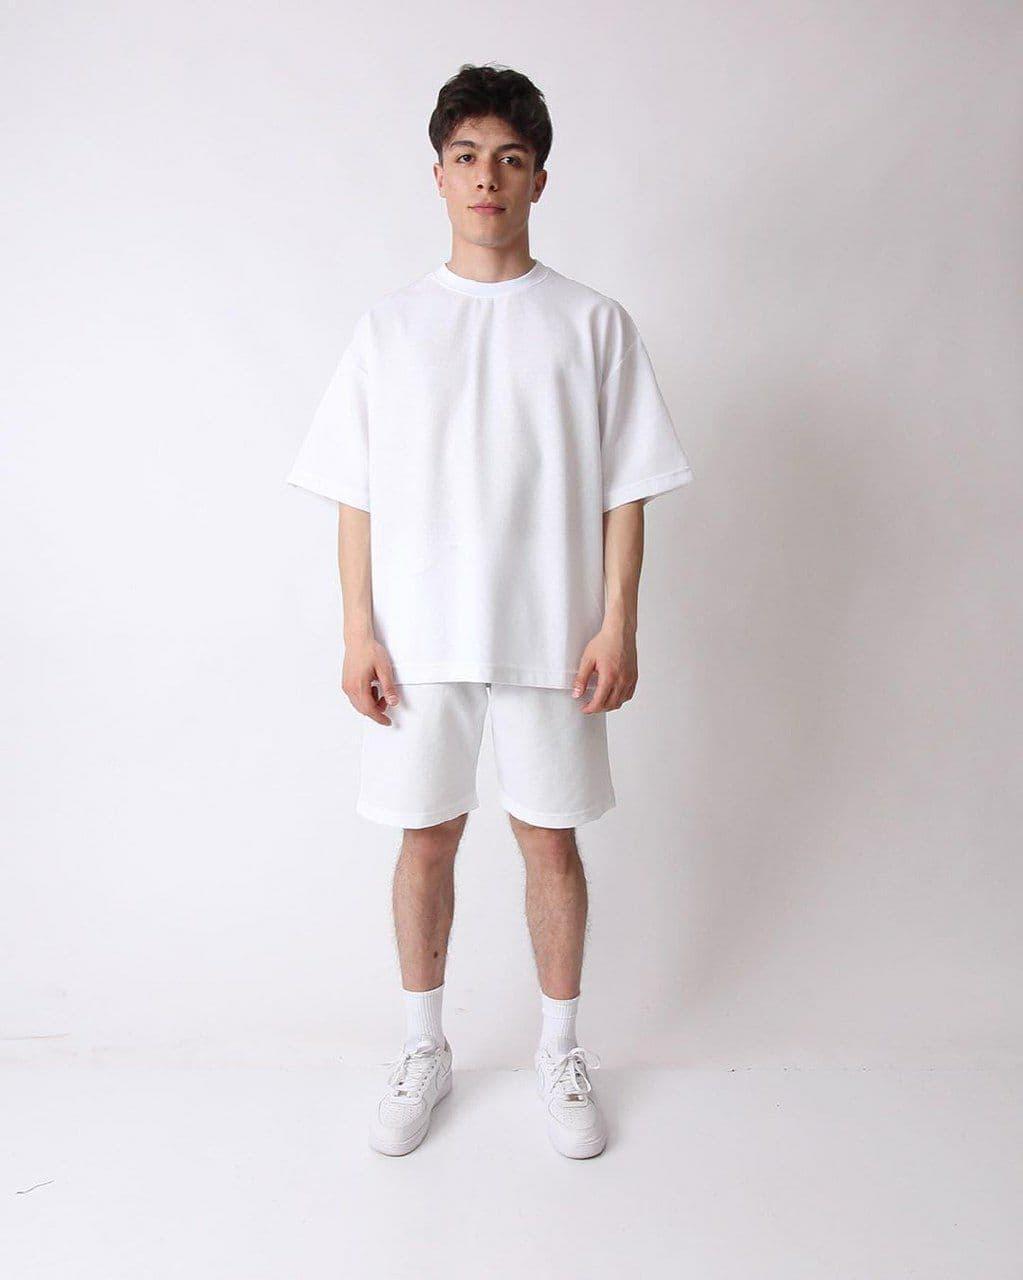 Oversize Basic Мужской спортивный костюм/комплект белый лето/весна.  Футболка+шорты двунить Турция